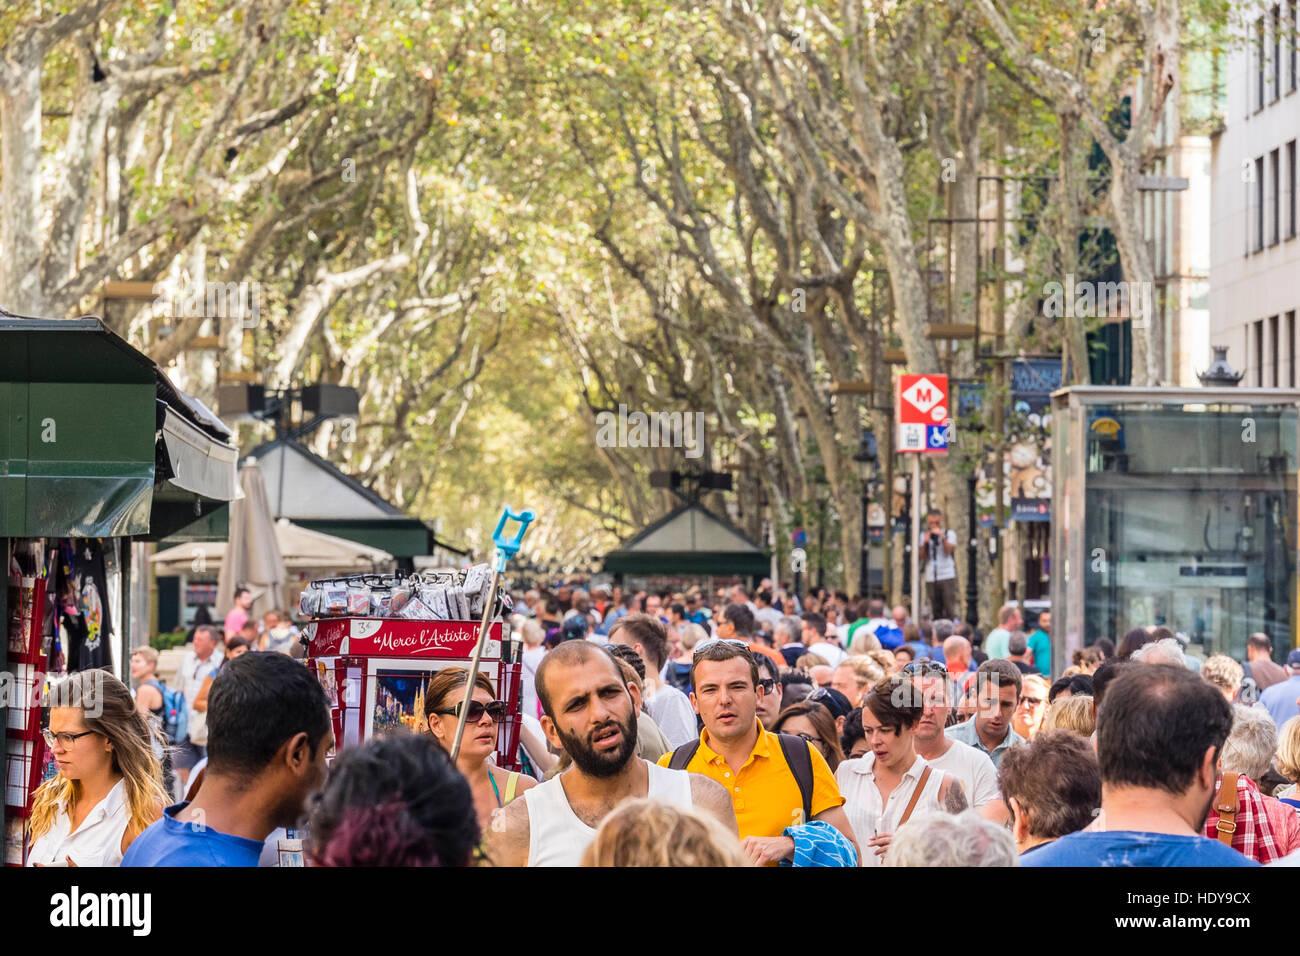 tree-linedCrowd of pedestrians on the famous walking street, Las Ramblas, in Barcelona, Spain. - Stock Image